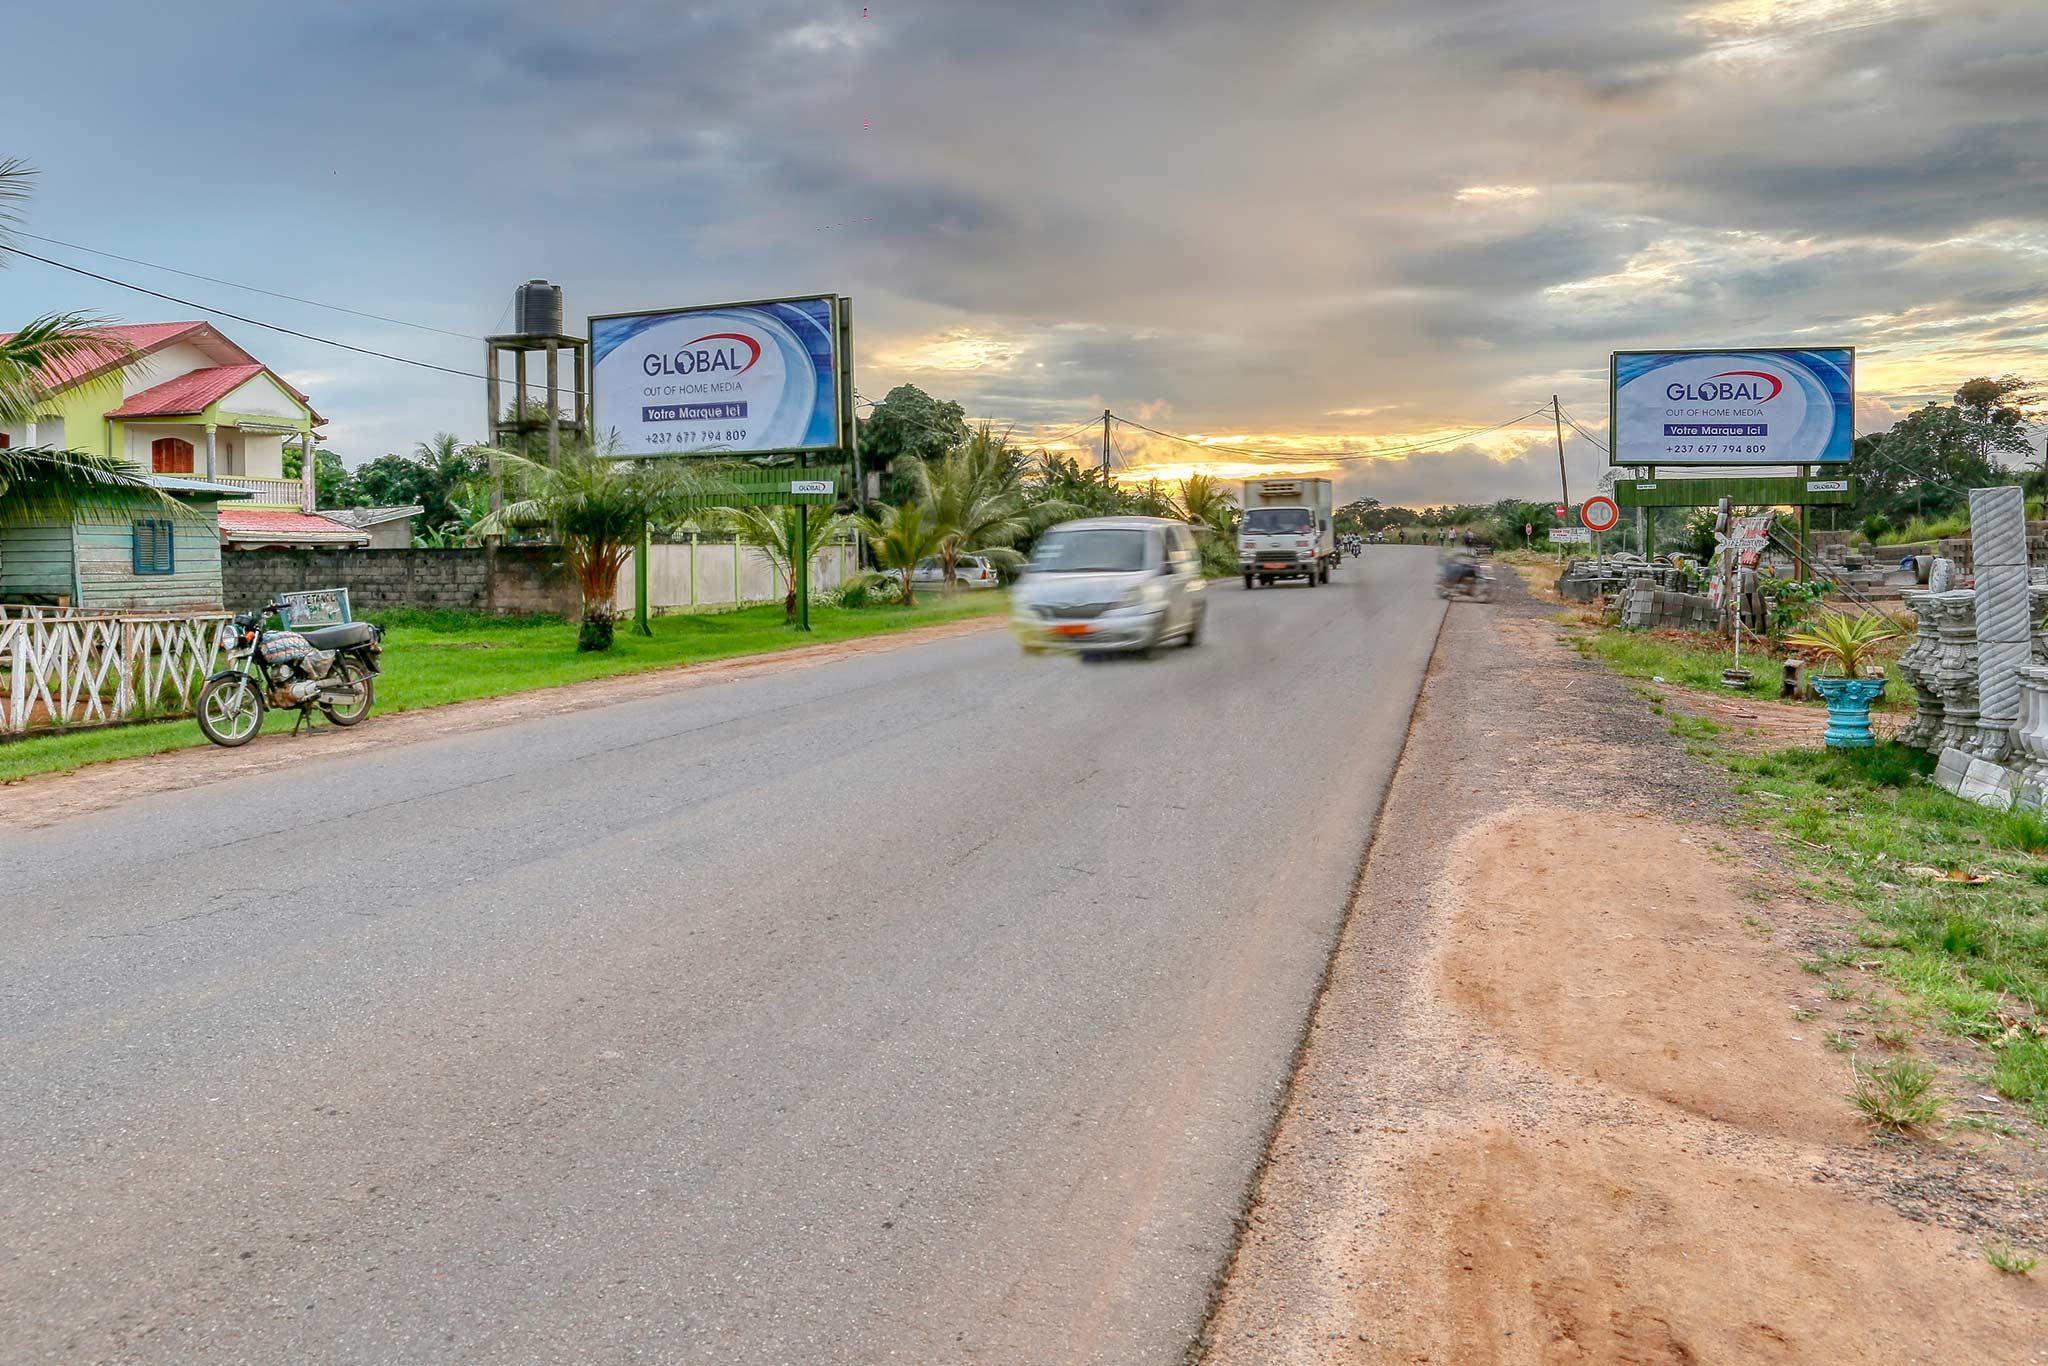 Cameroon Billboard